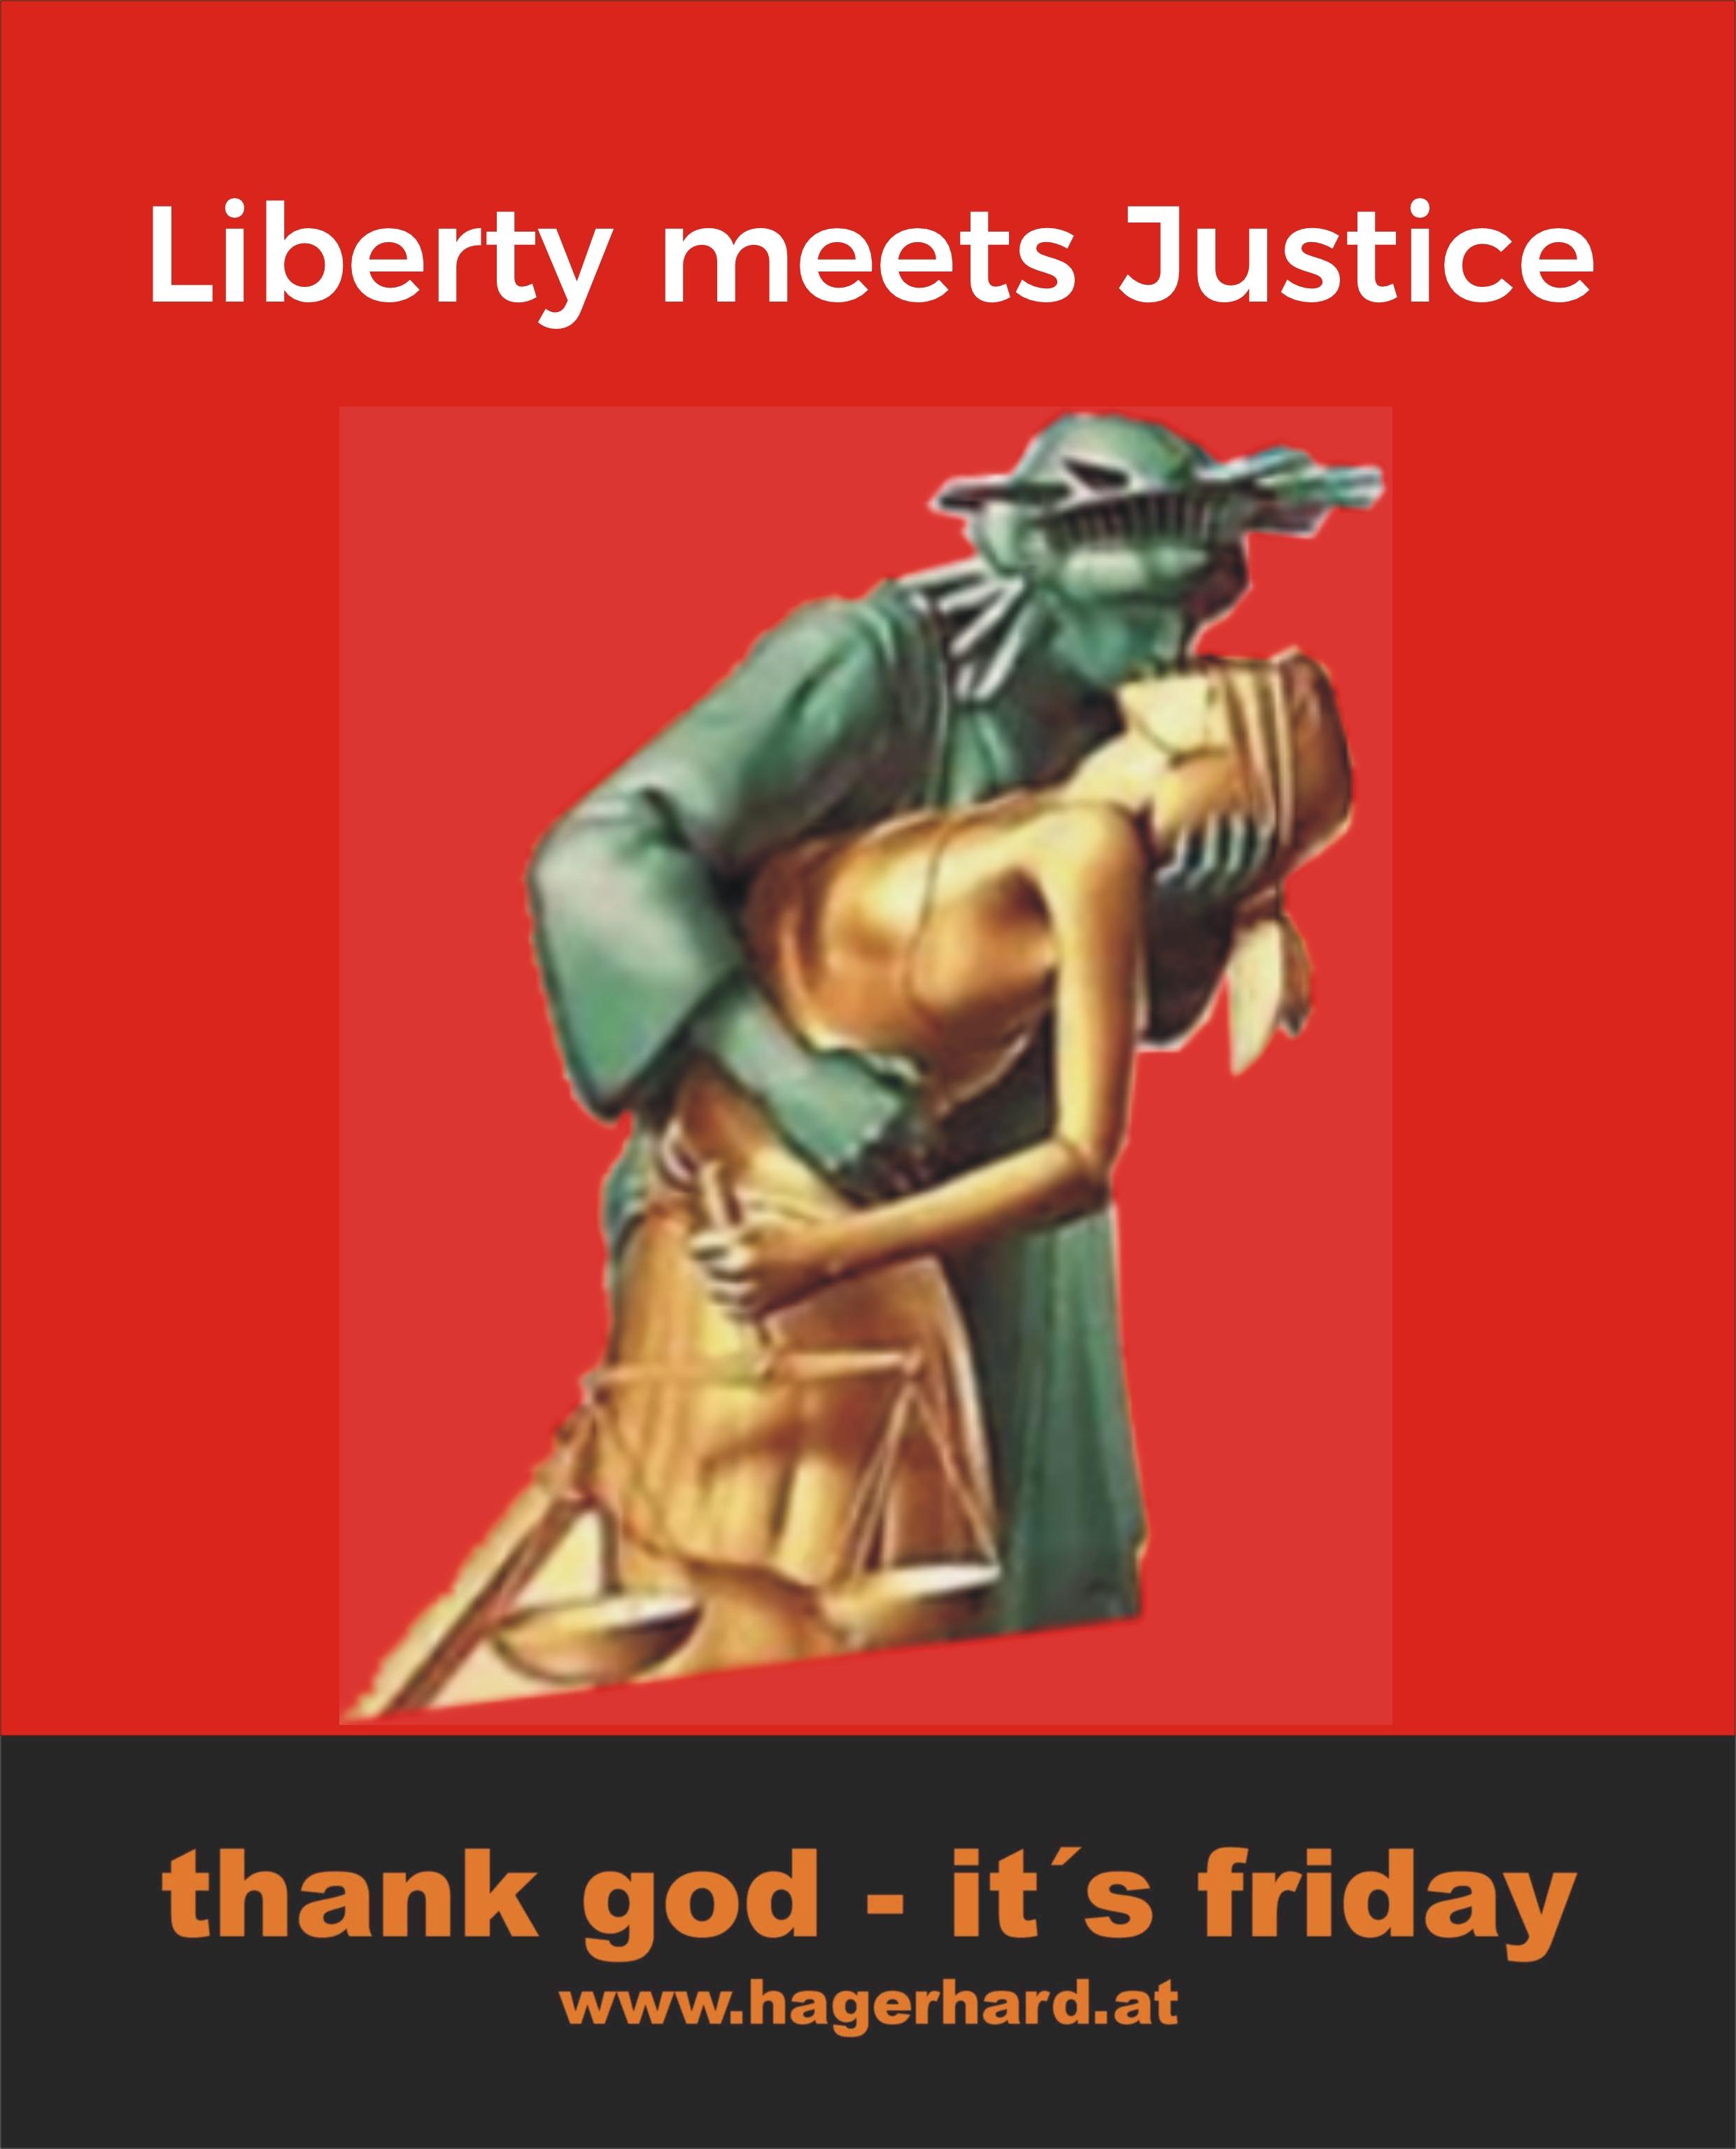 Liberty meets Justice